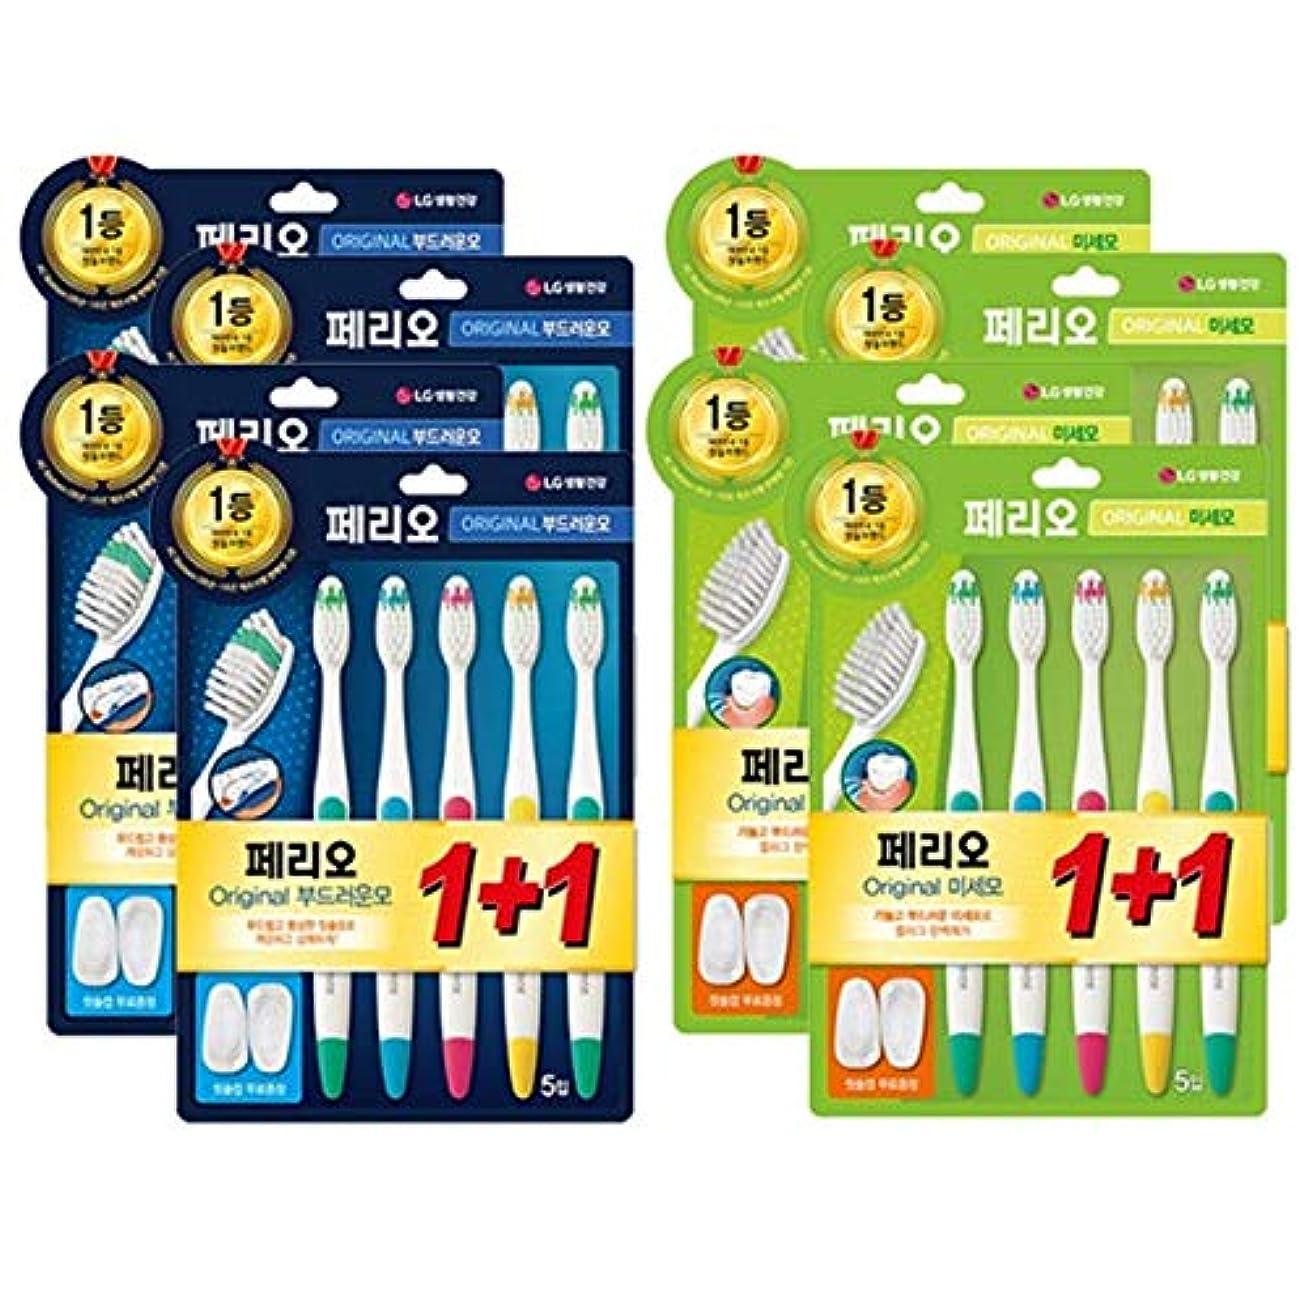 形状ステップ寓話[LG HnB] Perio original toothbrush/ペリオオリジナル歯ブラシ 10口x4個(海外直送品)